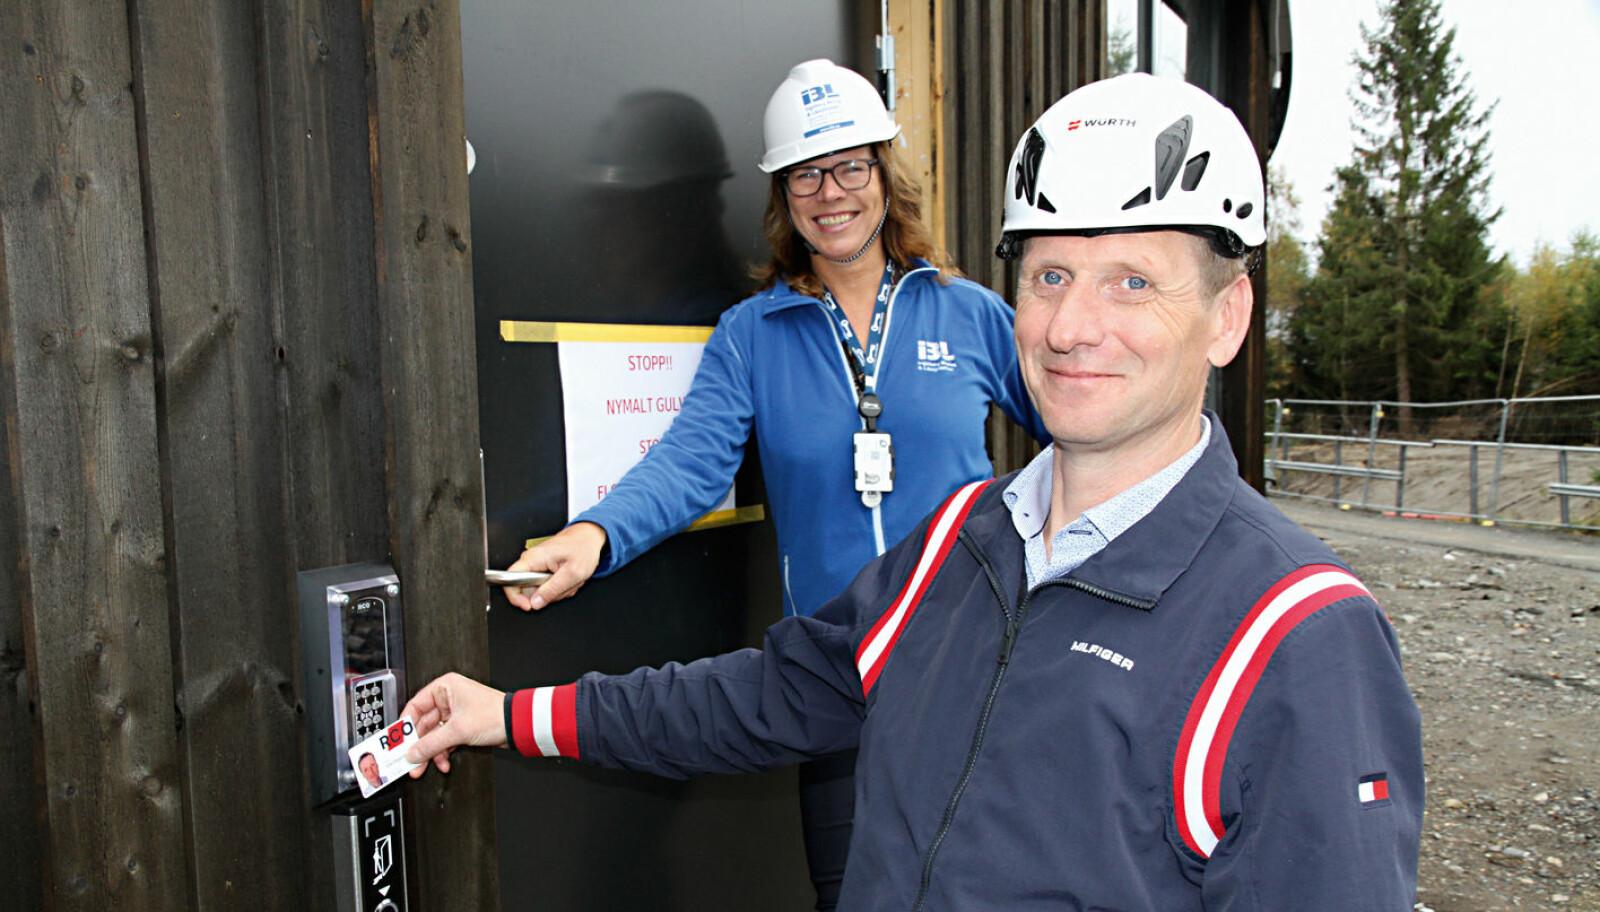 Ola Degerdal og RCO sørger for adgangskontroll med helintegrert alarmsystem til Jessheim bad. Her viser han vandalsikre kortlesere for Ingeborg Haukerud.